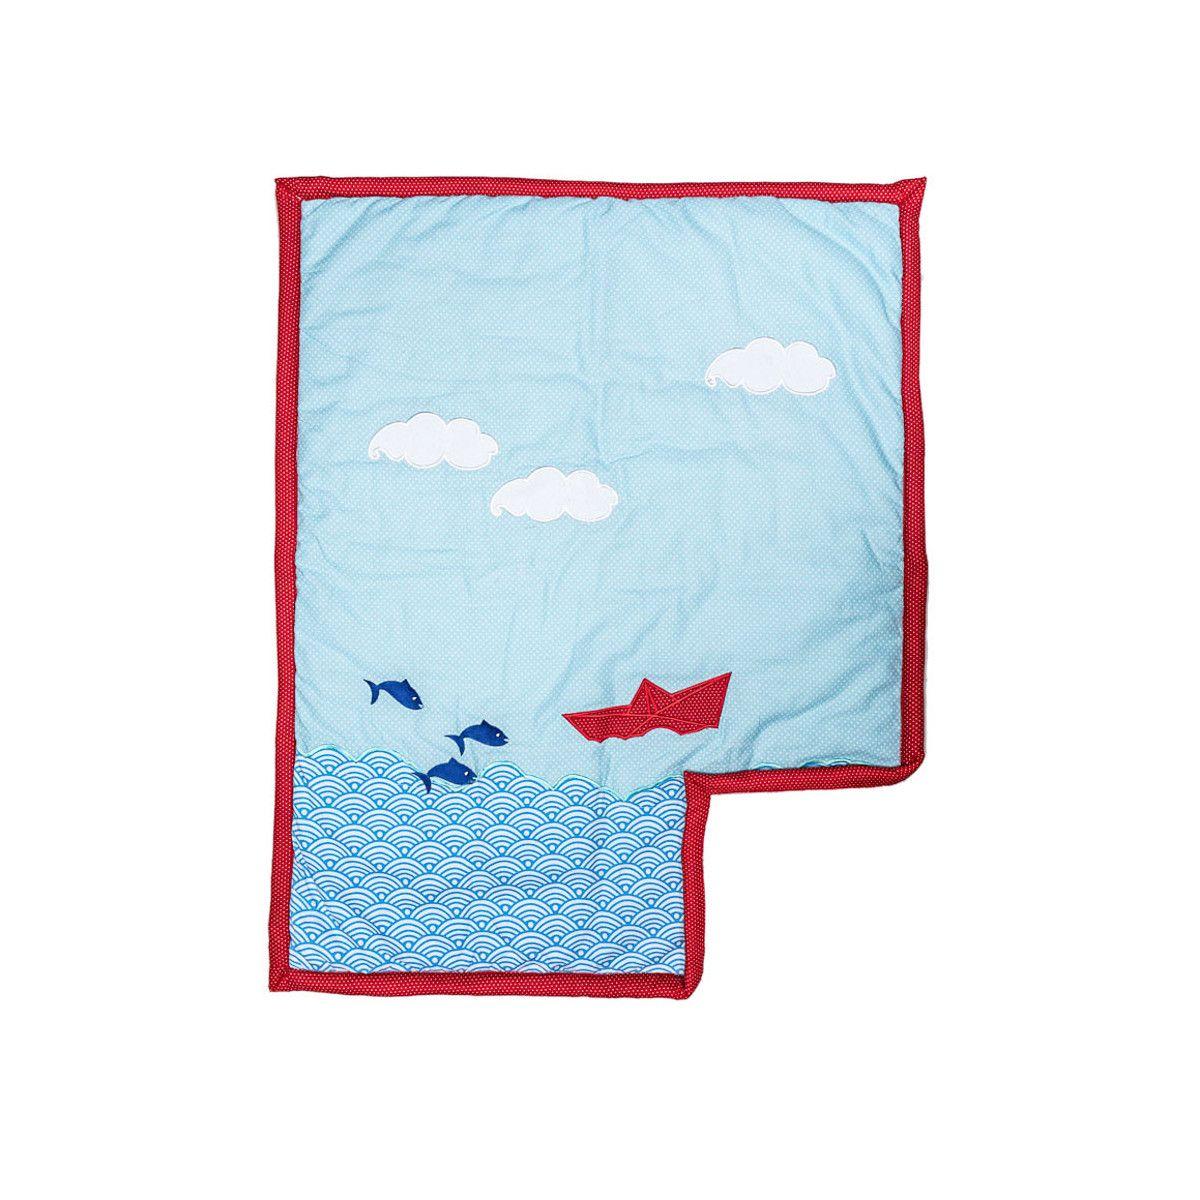 Couverture coton polaire bébé bleue ciel avec bateaux et nuages brodés